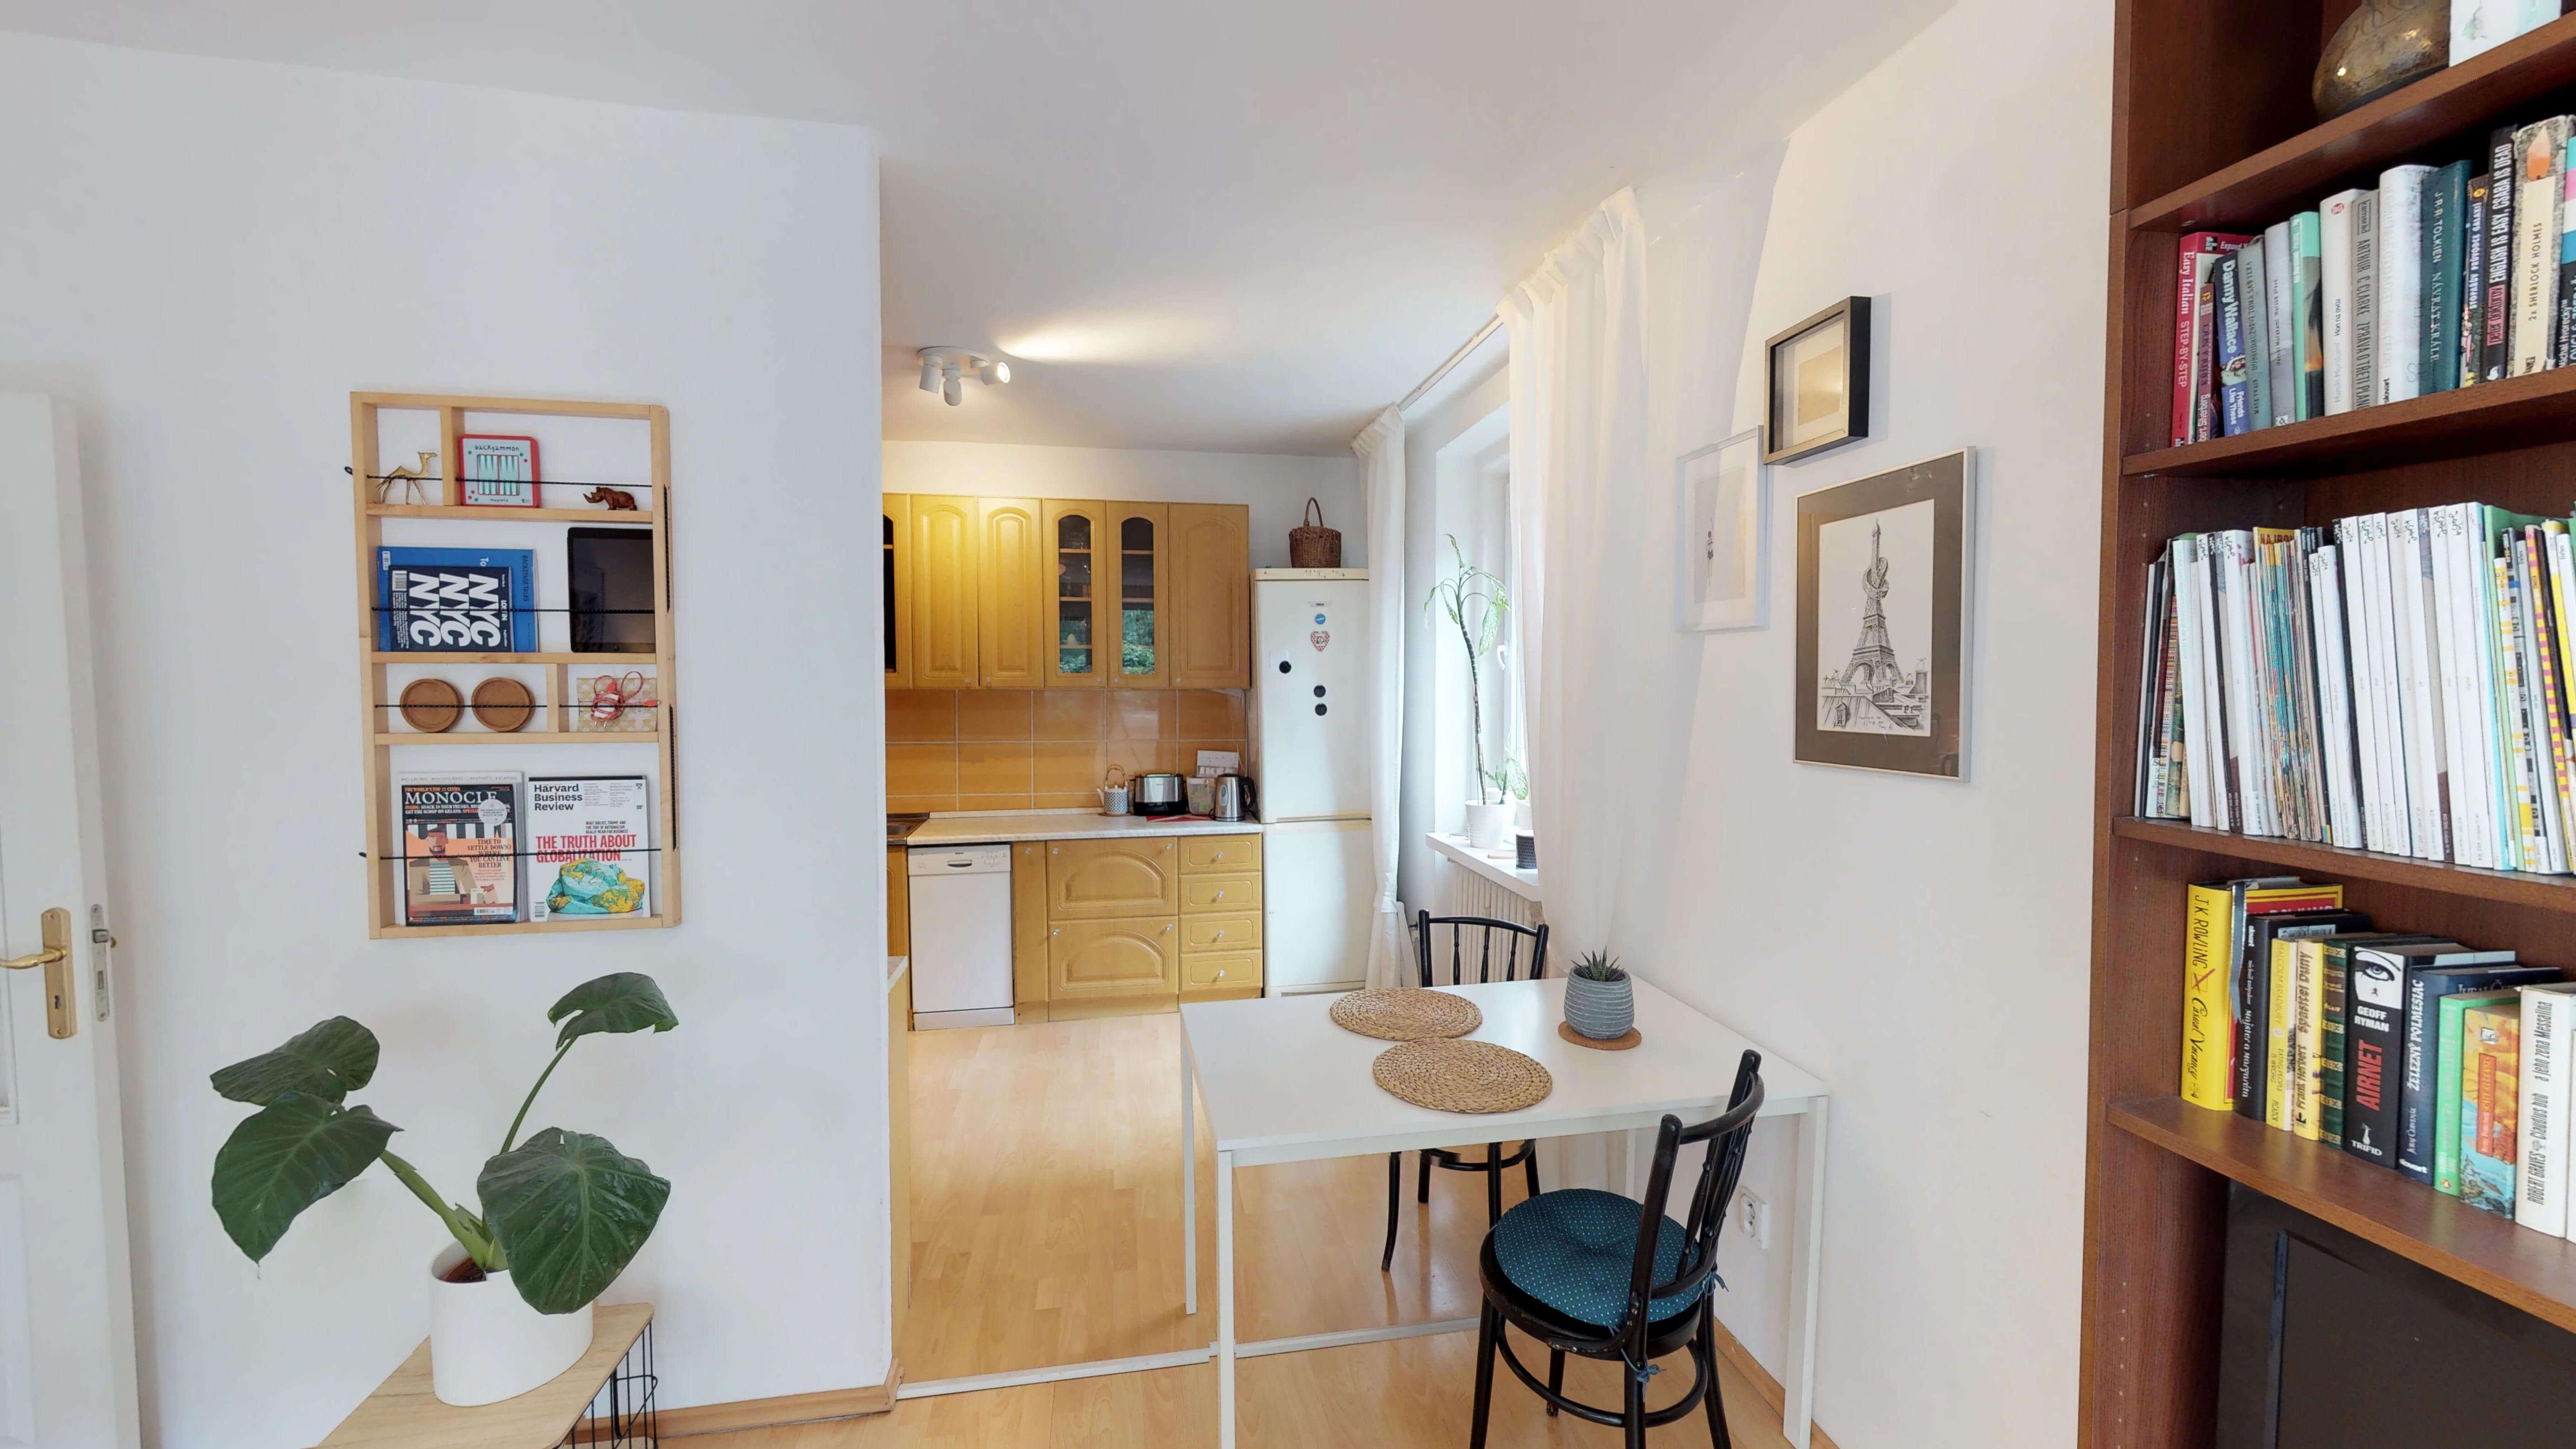 Predané Predaj exkluzívneho 3 izb. bytu,v Ružinove, ulica Palkovičová, blízko Trhoviska Miletičky v Bratislave, 68m2, kompletne zariadený-3